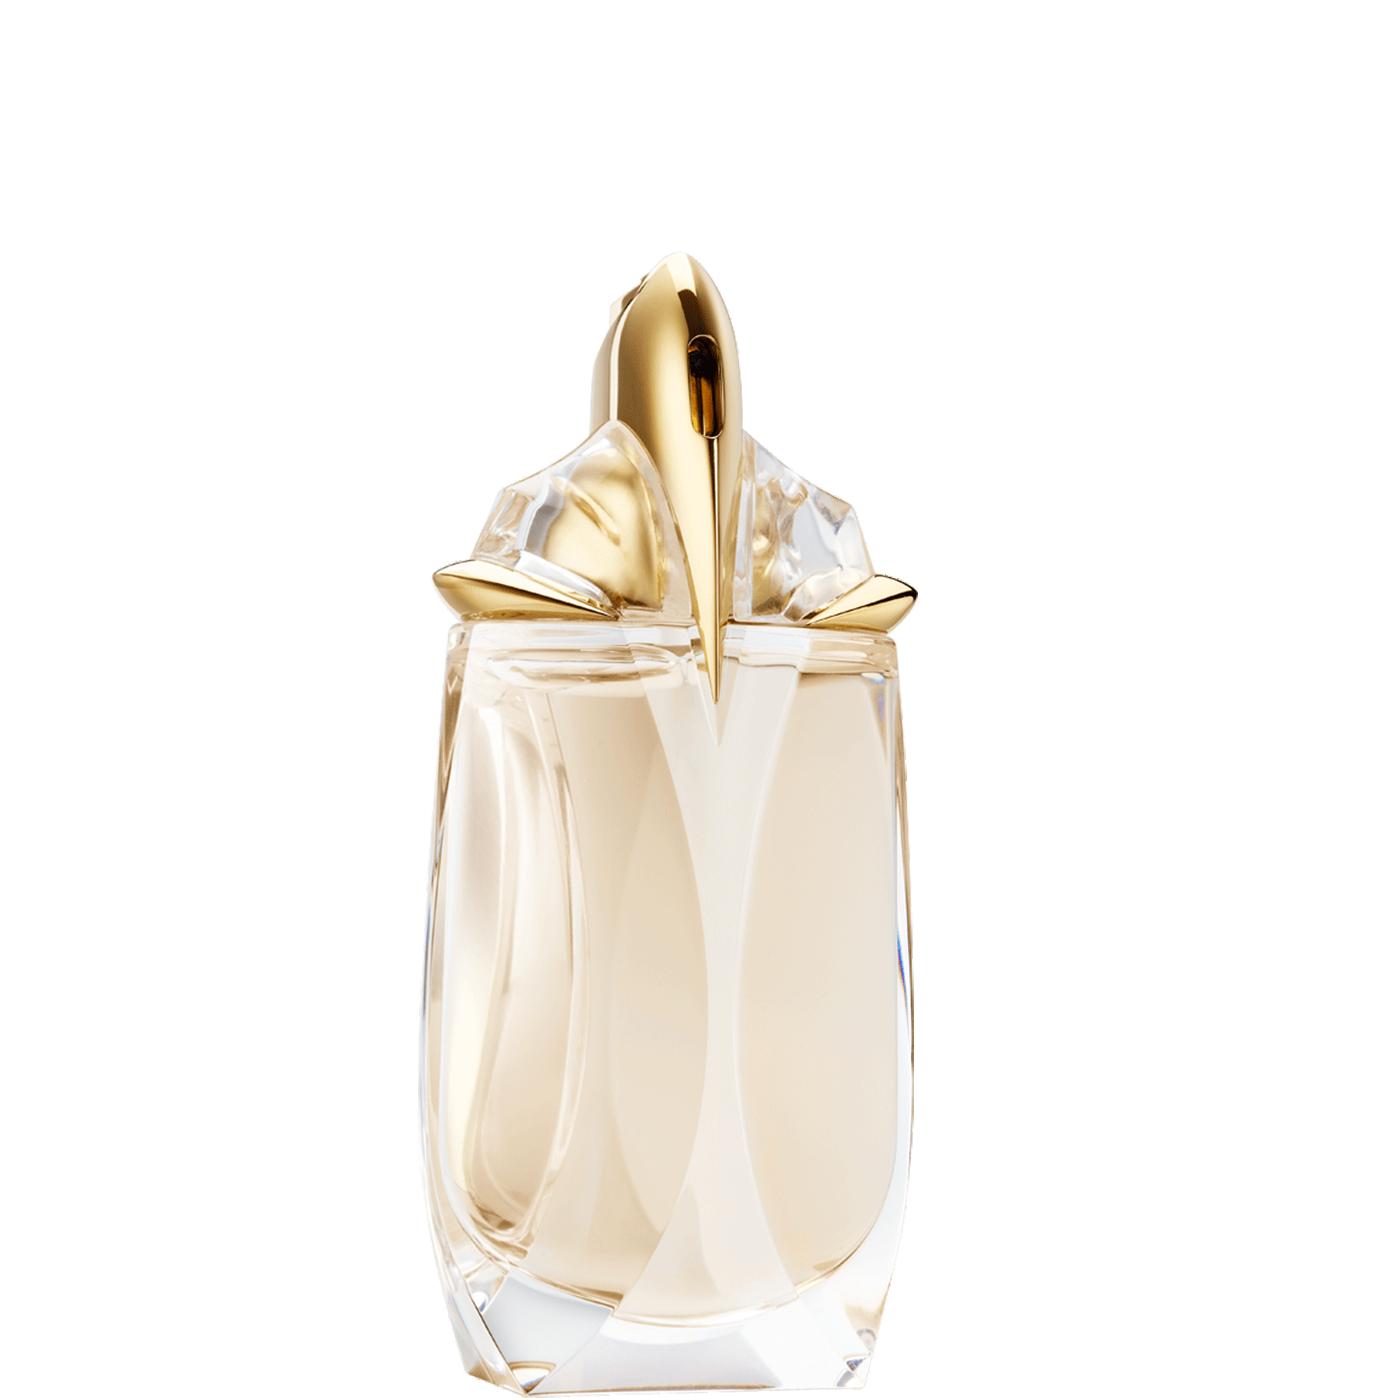 Дочь Уилла Смита стала лицом нового парфюма Mugler (ФОТО) - фото №2